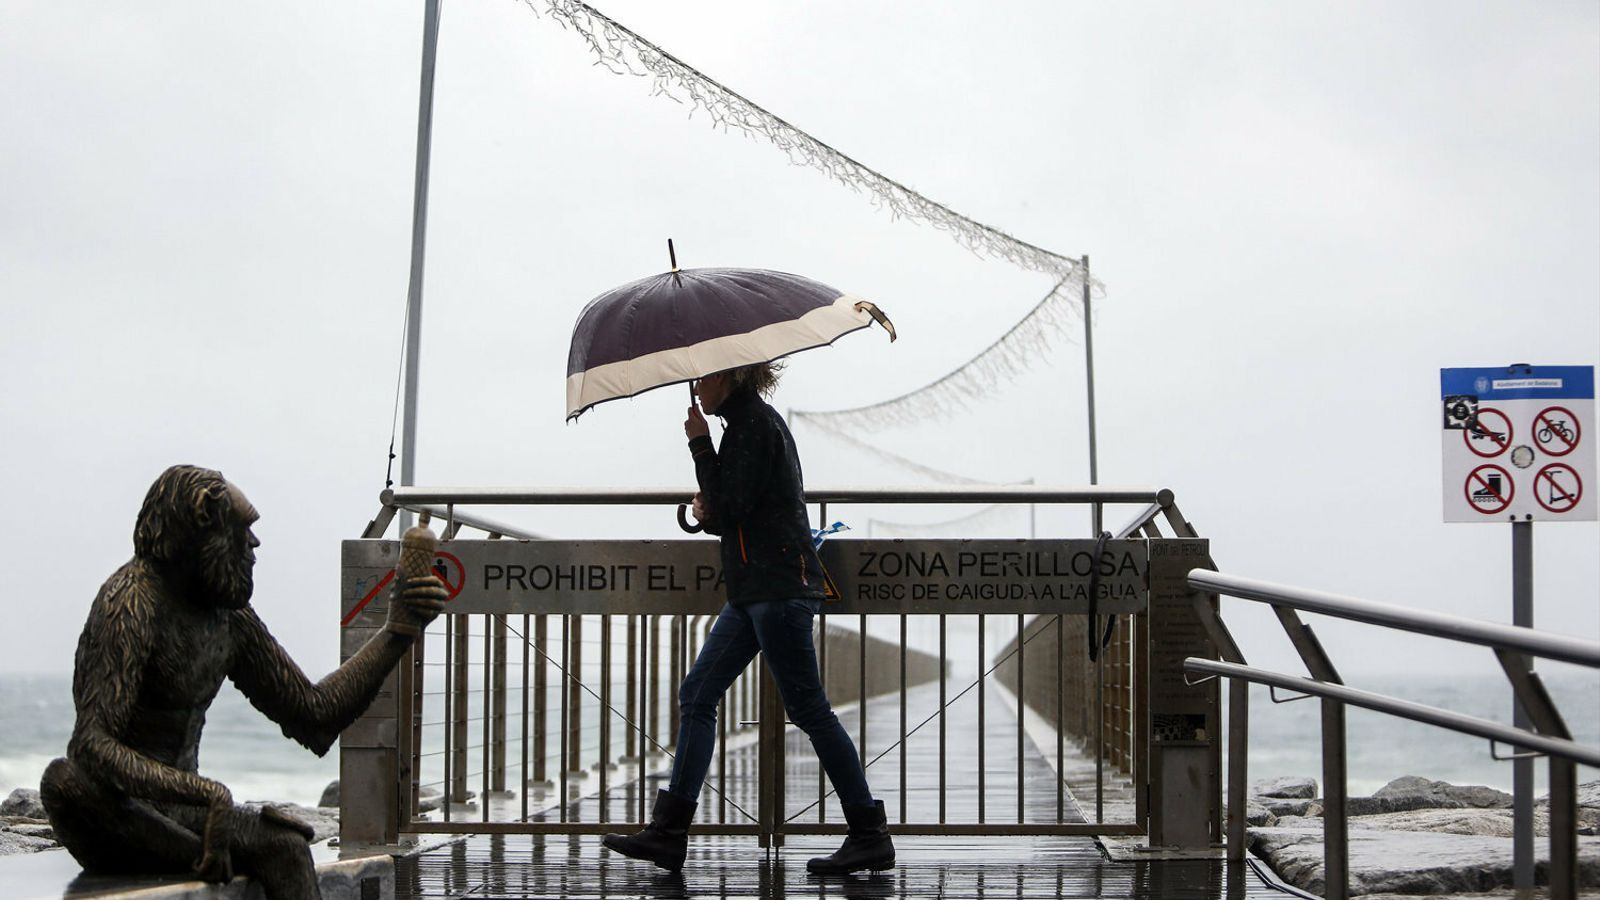 La tongada de pluja d'aquesta setmana va ser una de les més llargues dels últims anys